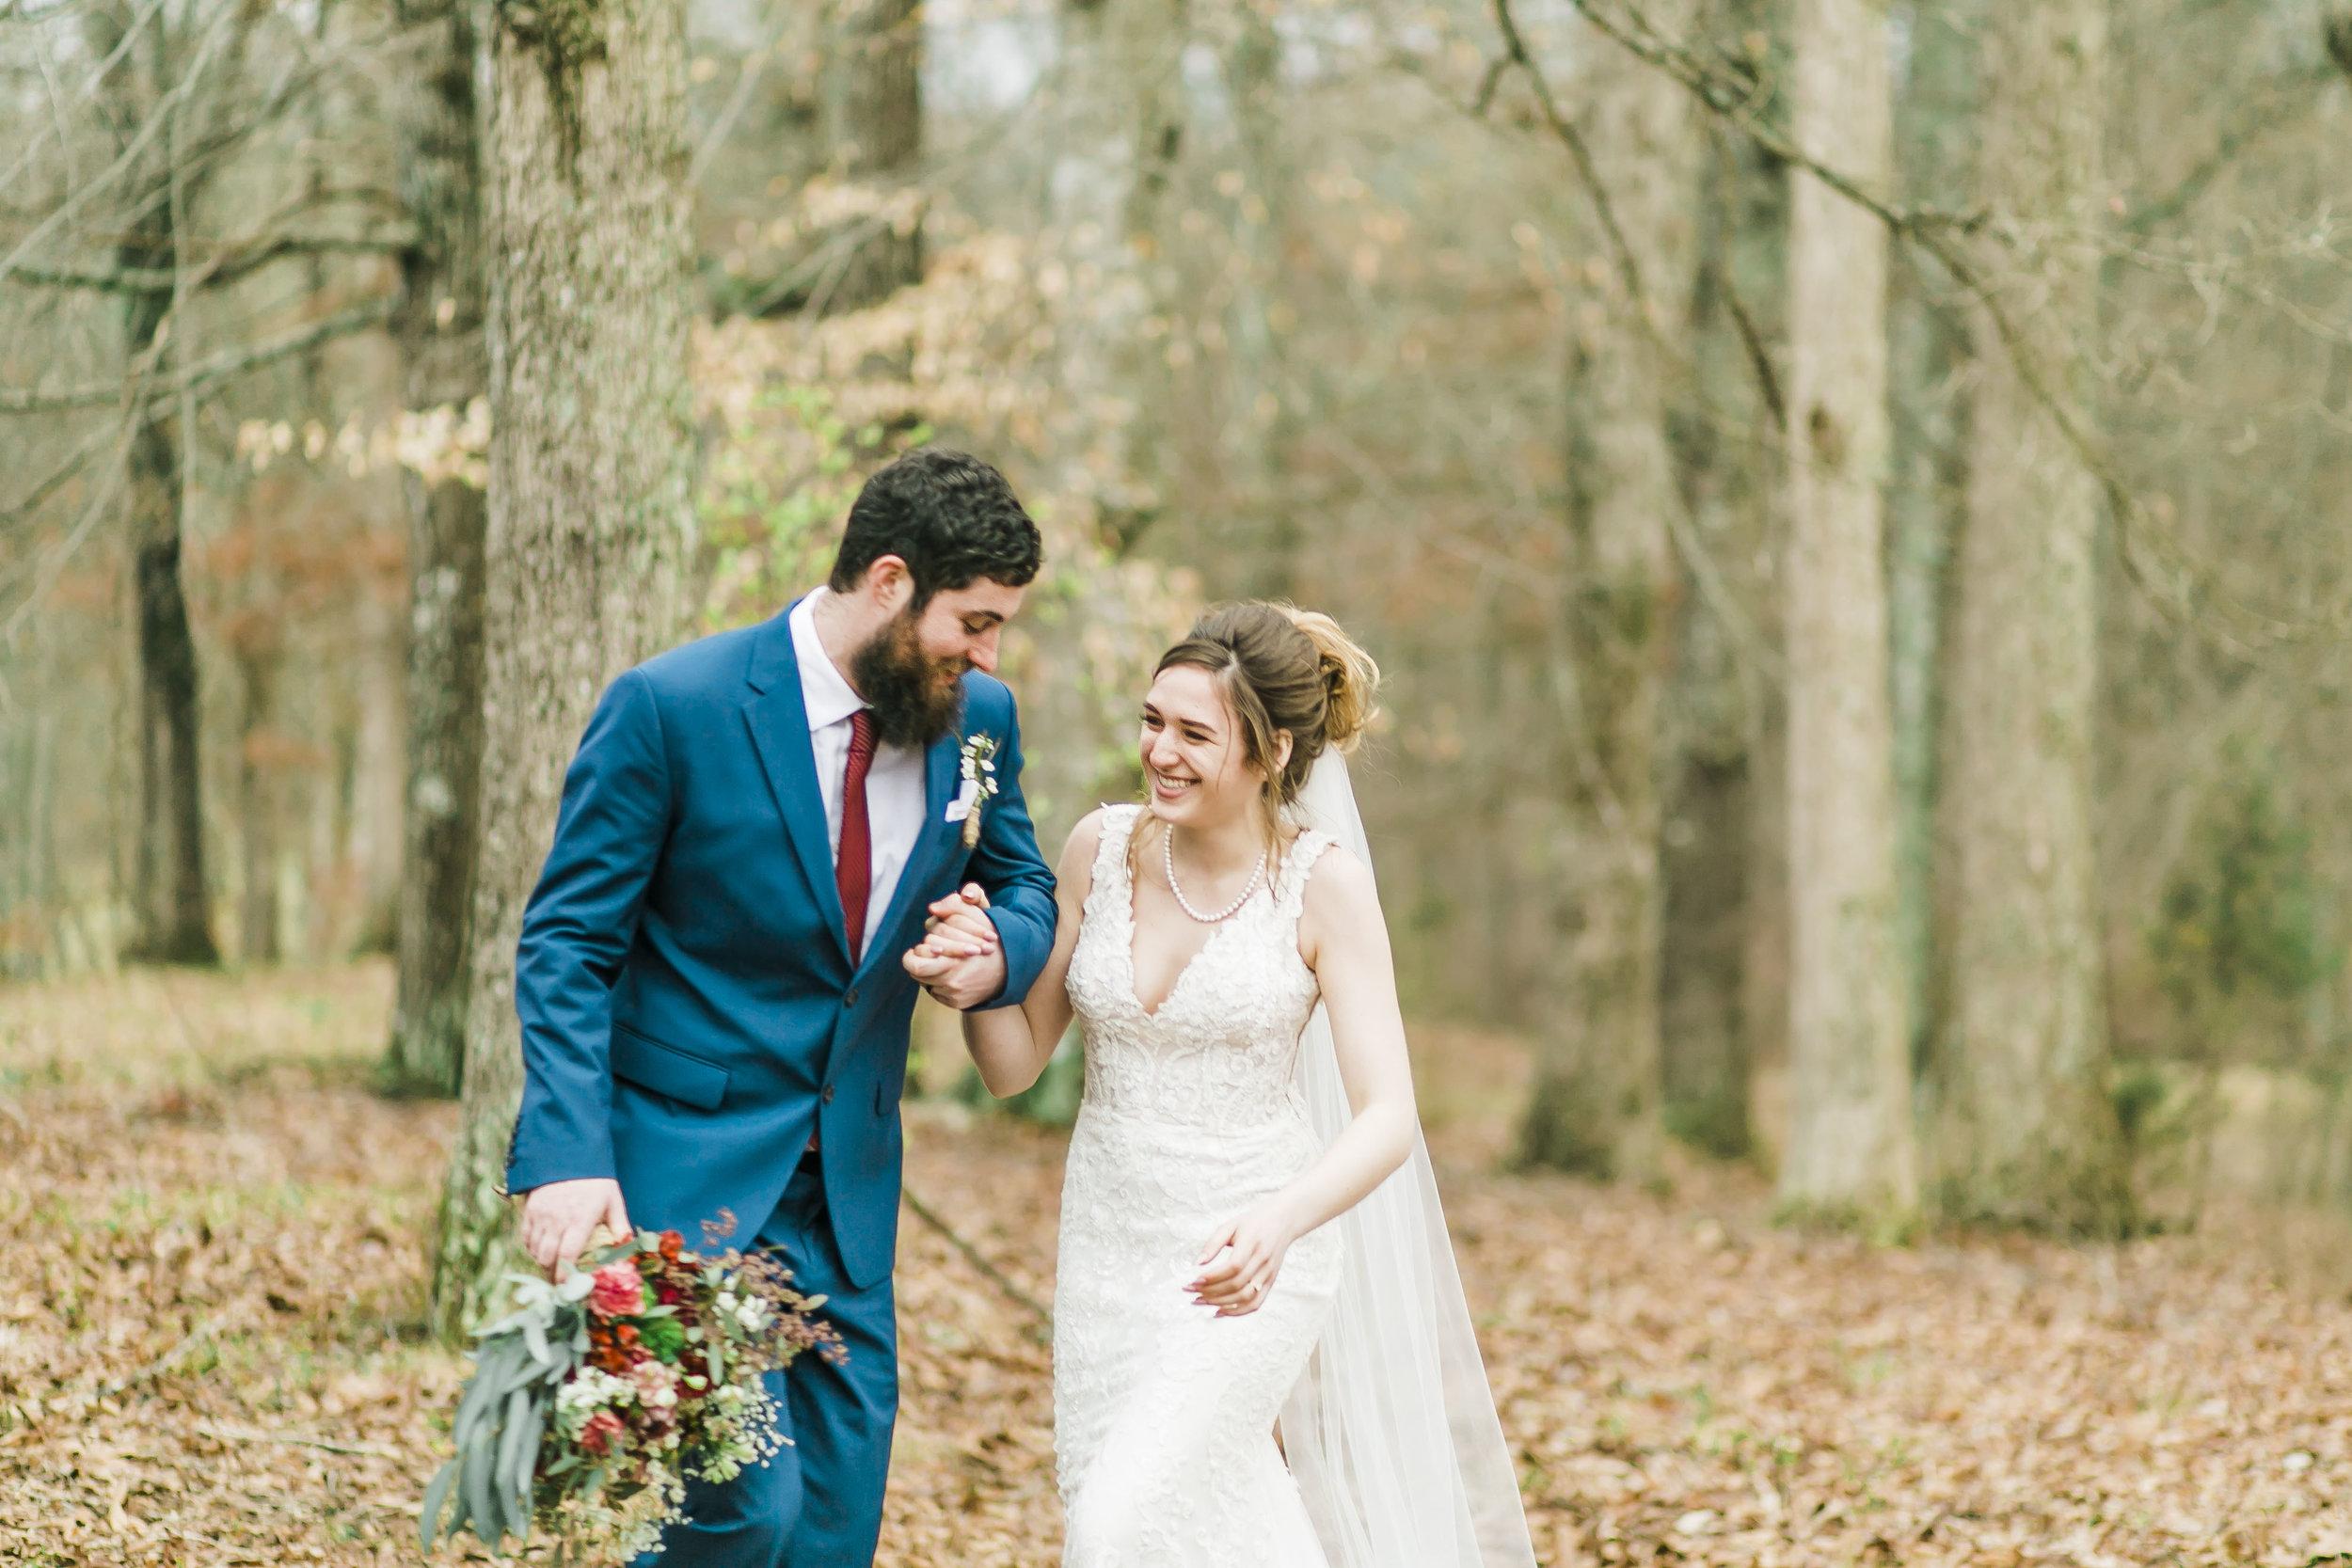 Heartland Meadows Knoxville Spring Wedding Winx Photo